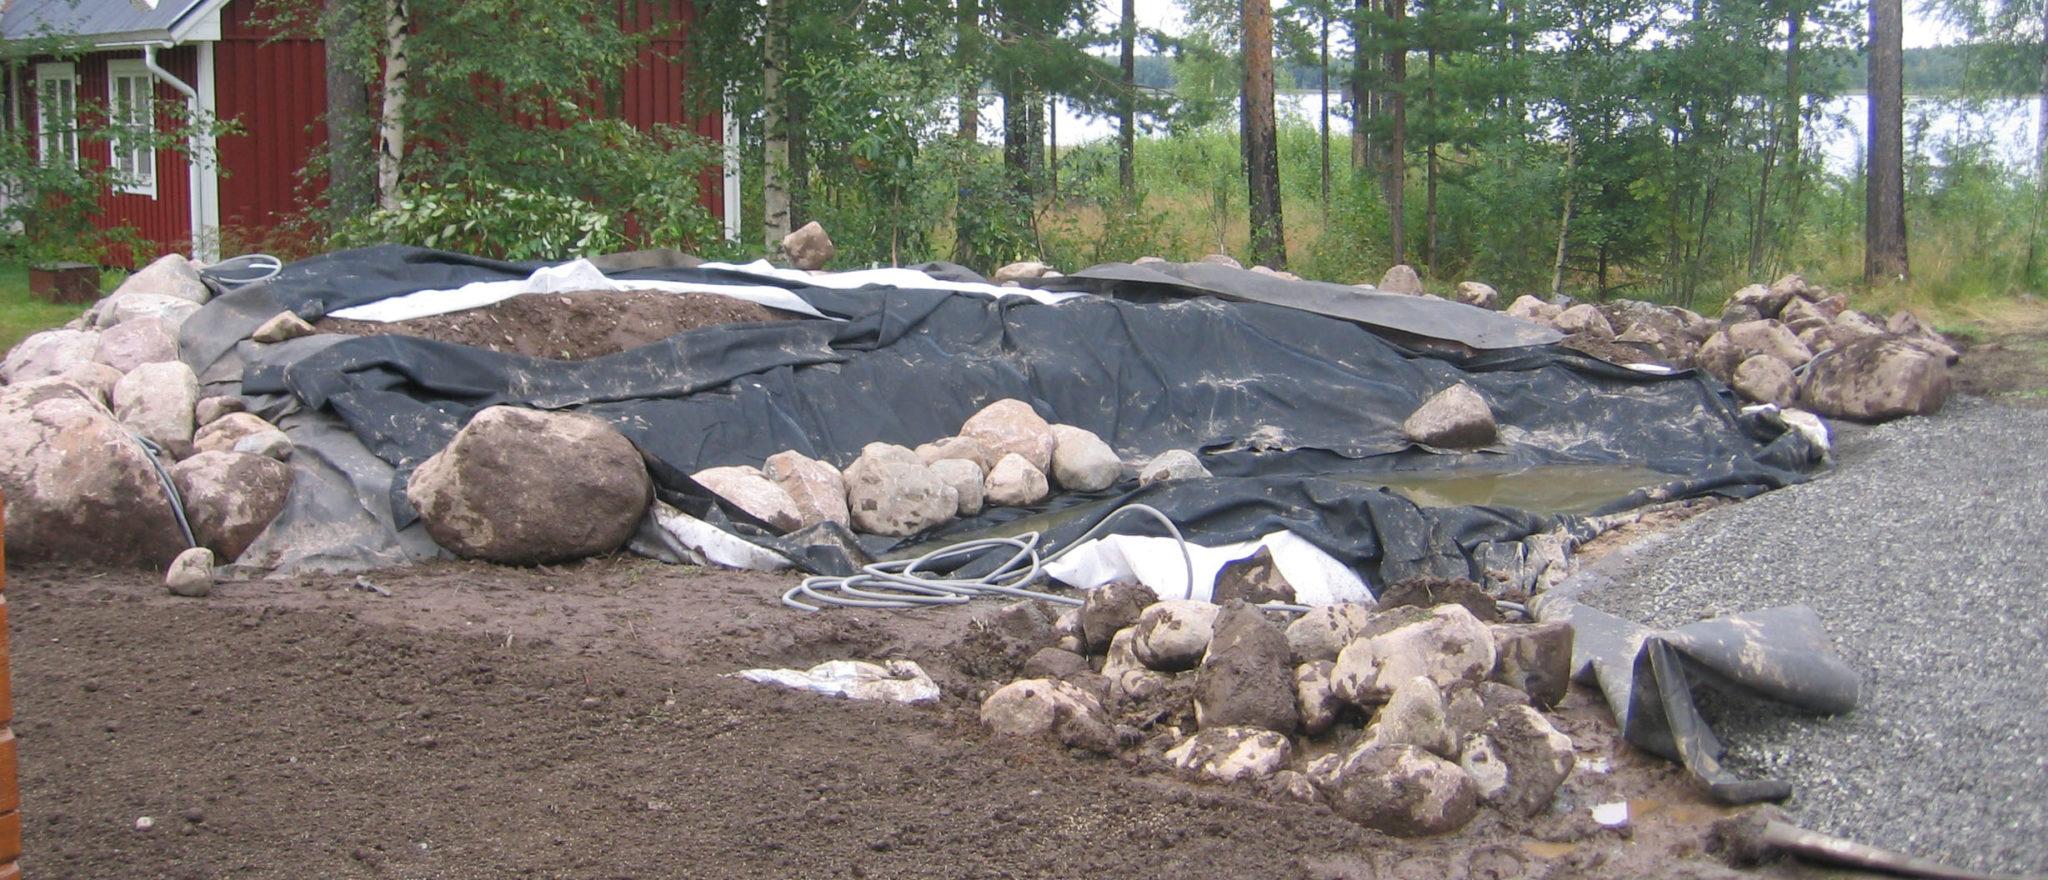 Anläggning i Luleå